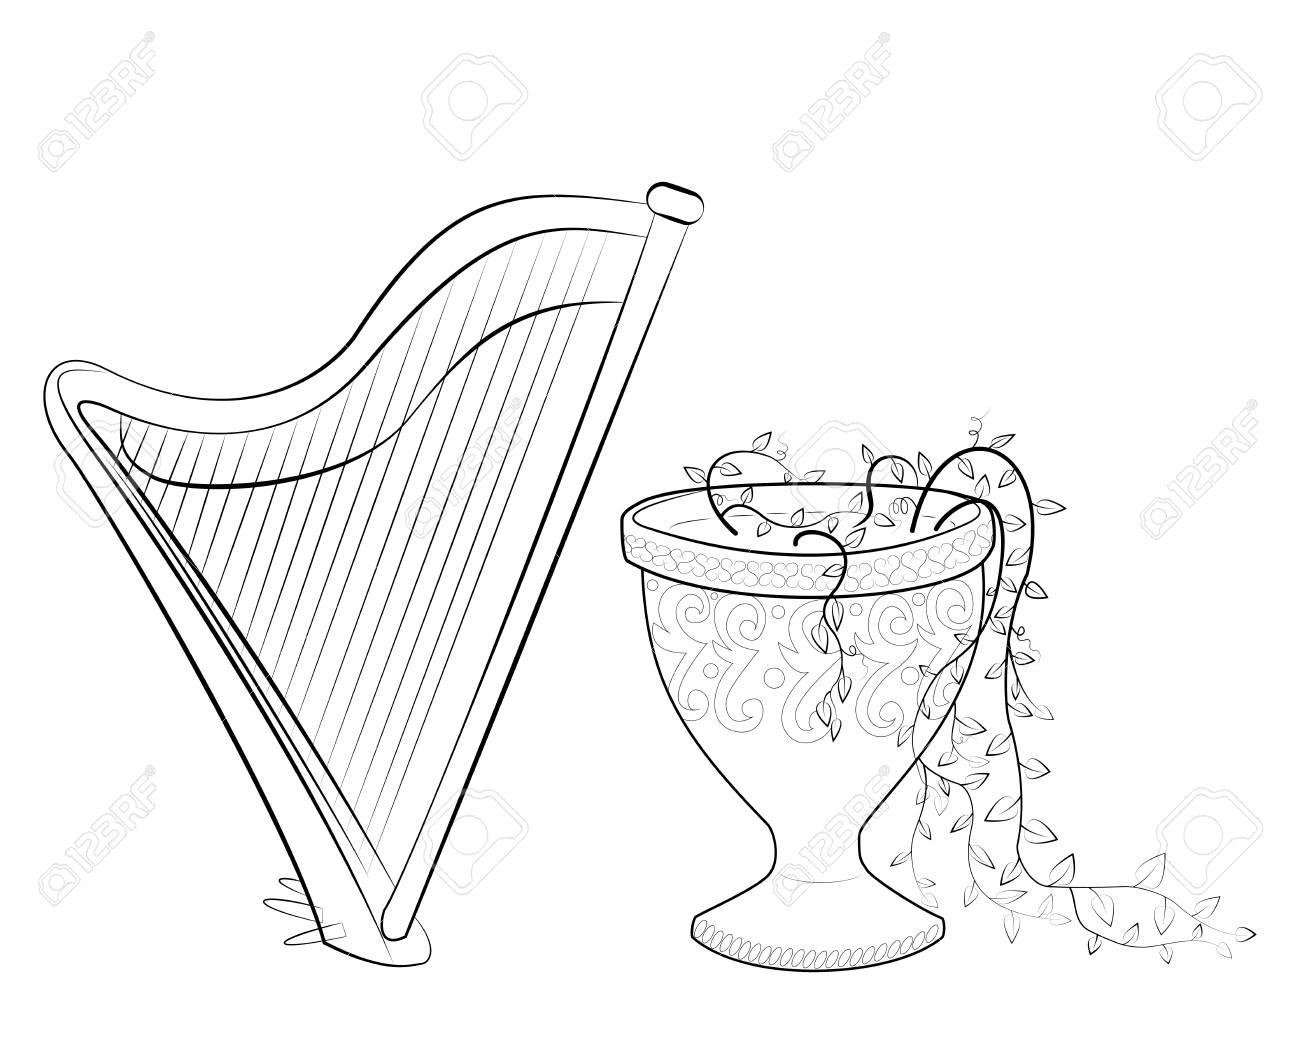 Libro Para Colorear En Blanco Y Negro Con El Arpa Y El Jarrón De Piedra Ilustración De Vector De Un Instrumento Musical De Cuerda Y Varem De Roca